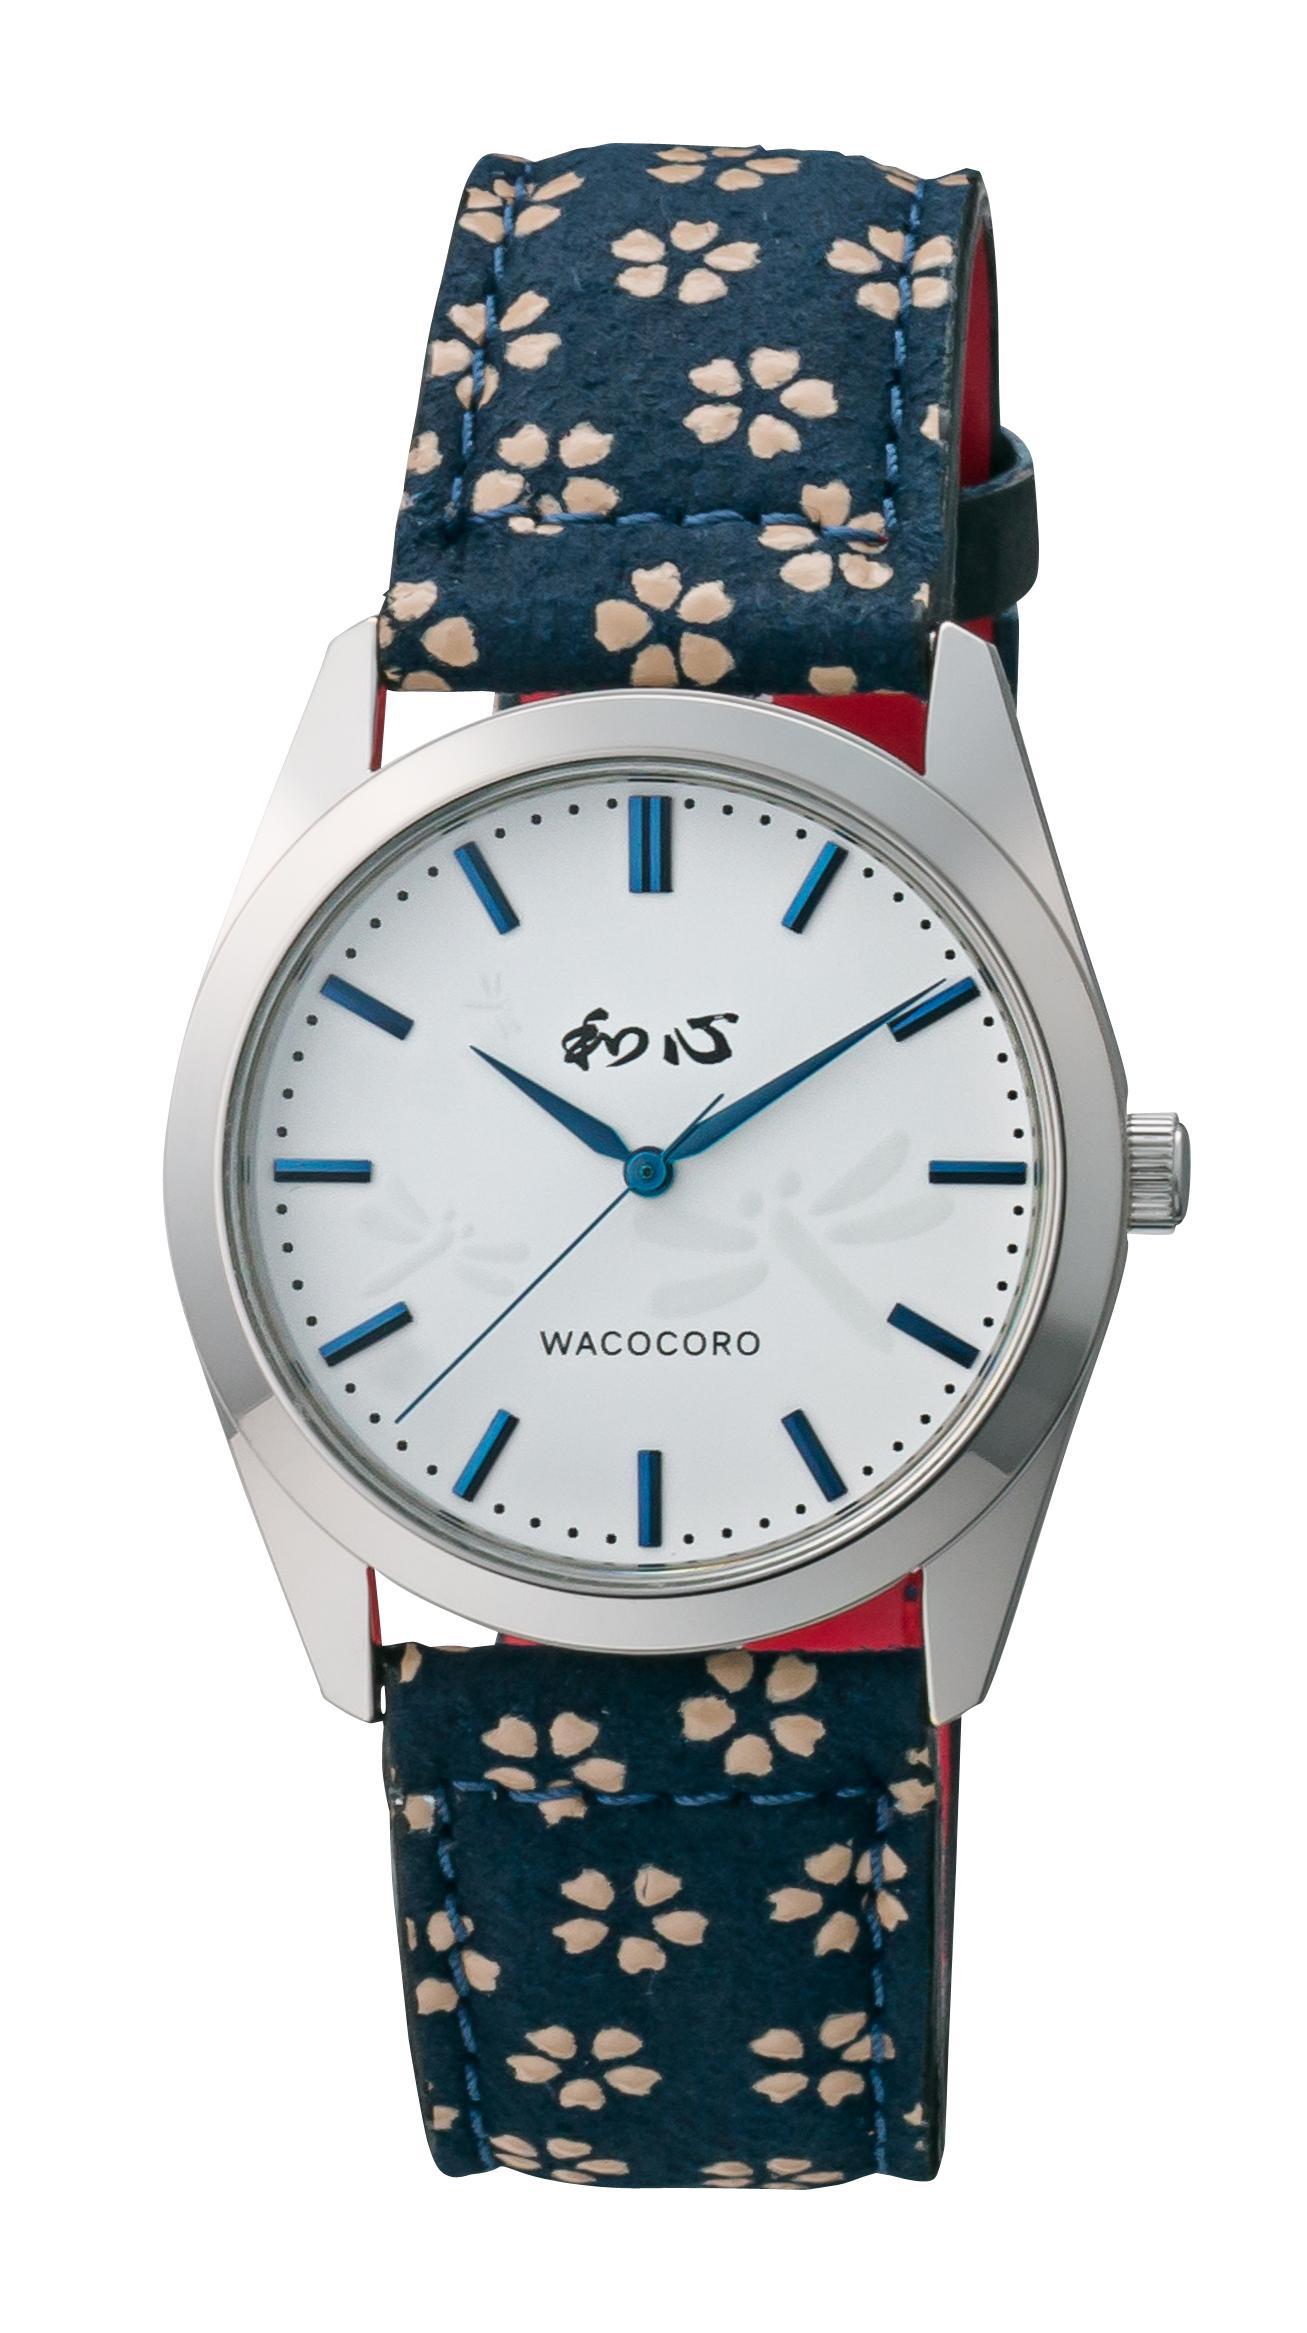 和心・宇陀印傳 革バンド 日本製にこだわった腕時計 (トンボ柄) メンズ(男性用) 日本製・送料無料